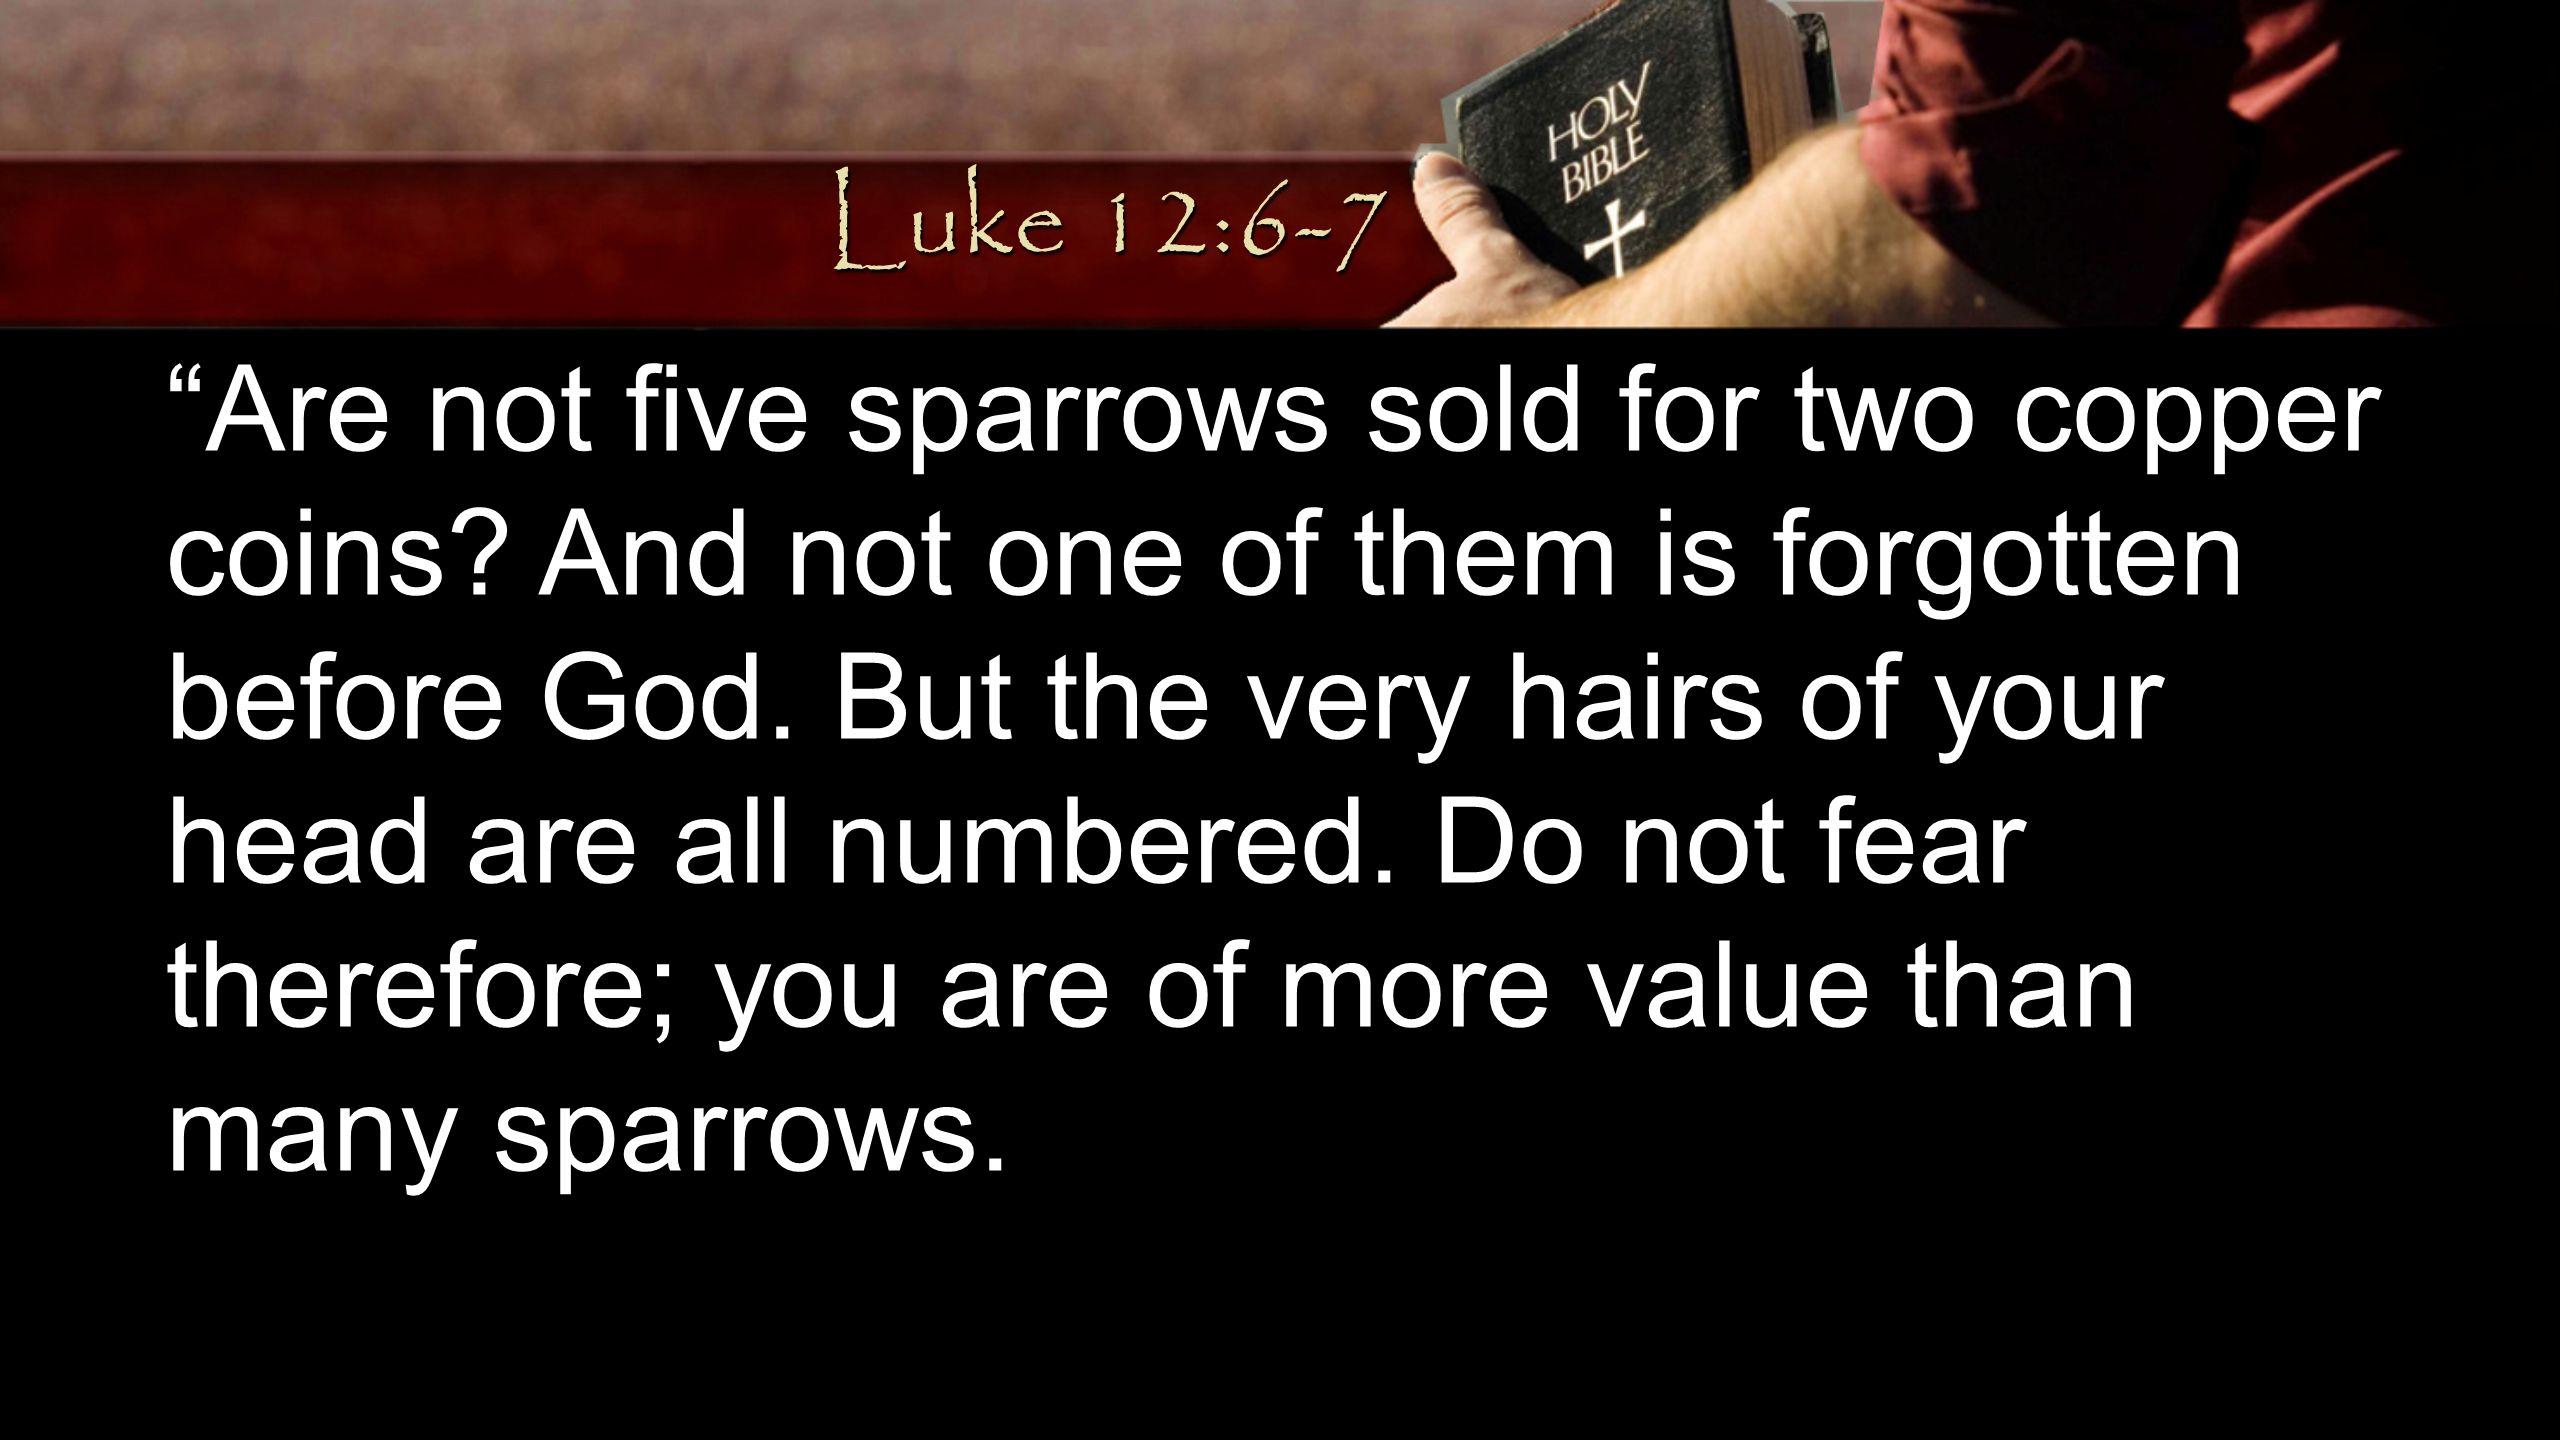 Luke 12:6-7